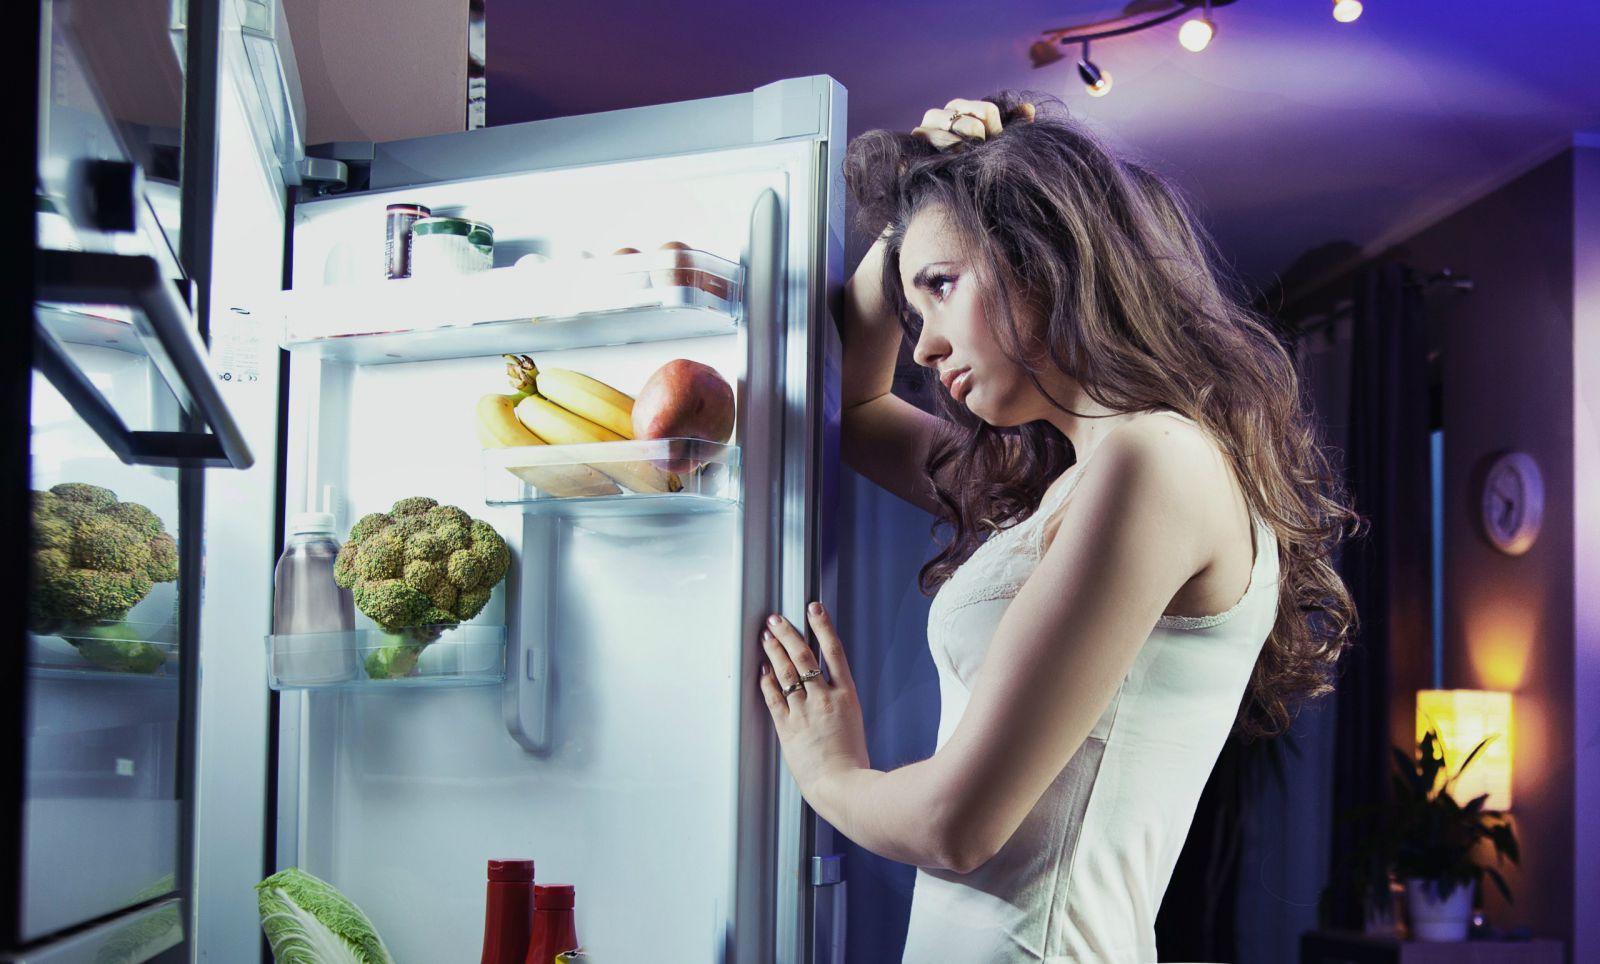 Фруктовая диета на 7 дней для похудения: какие фрукты можно есть на ночь и после тренировки